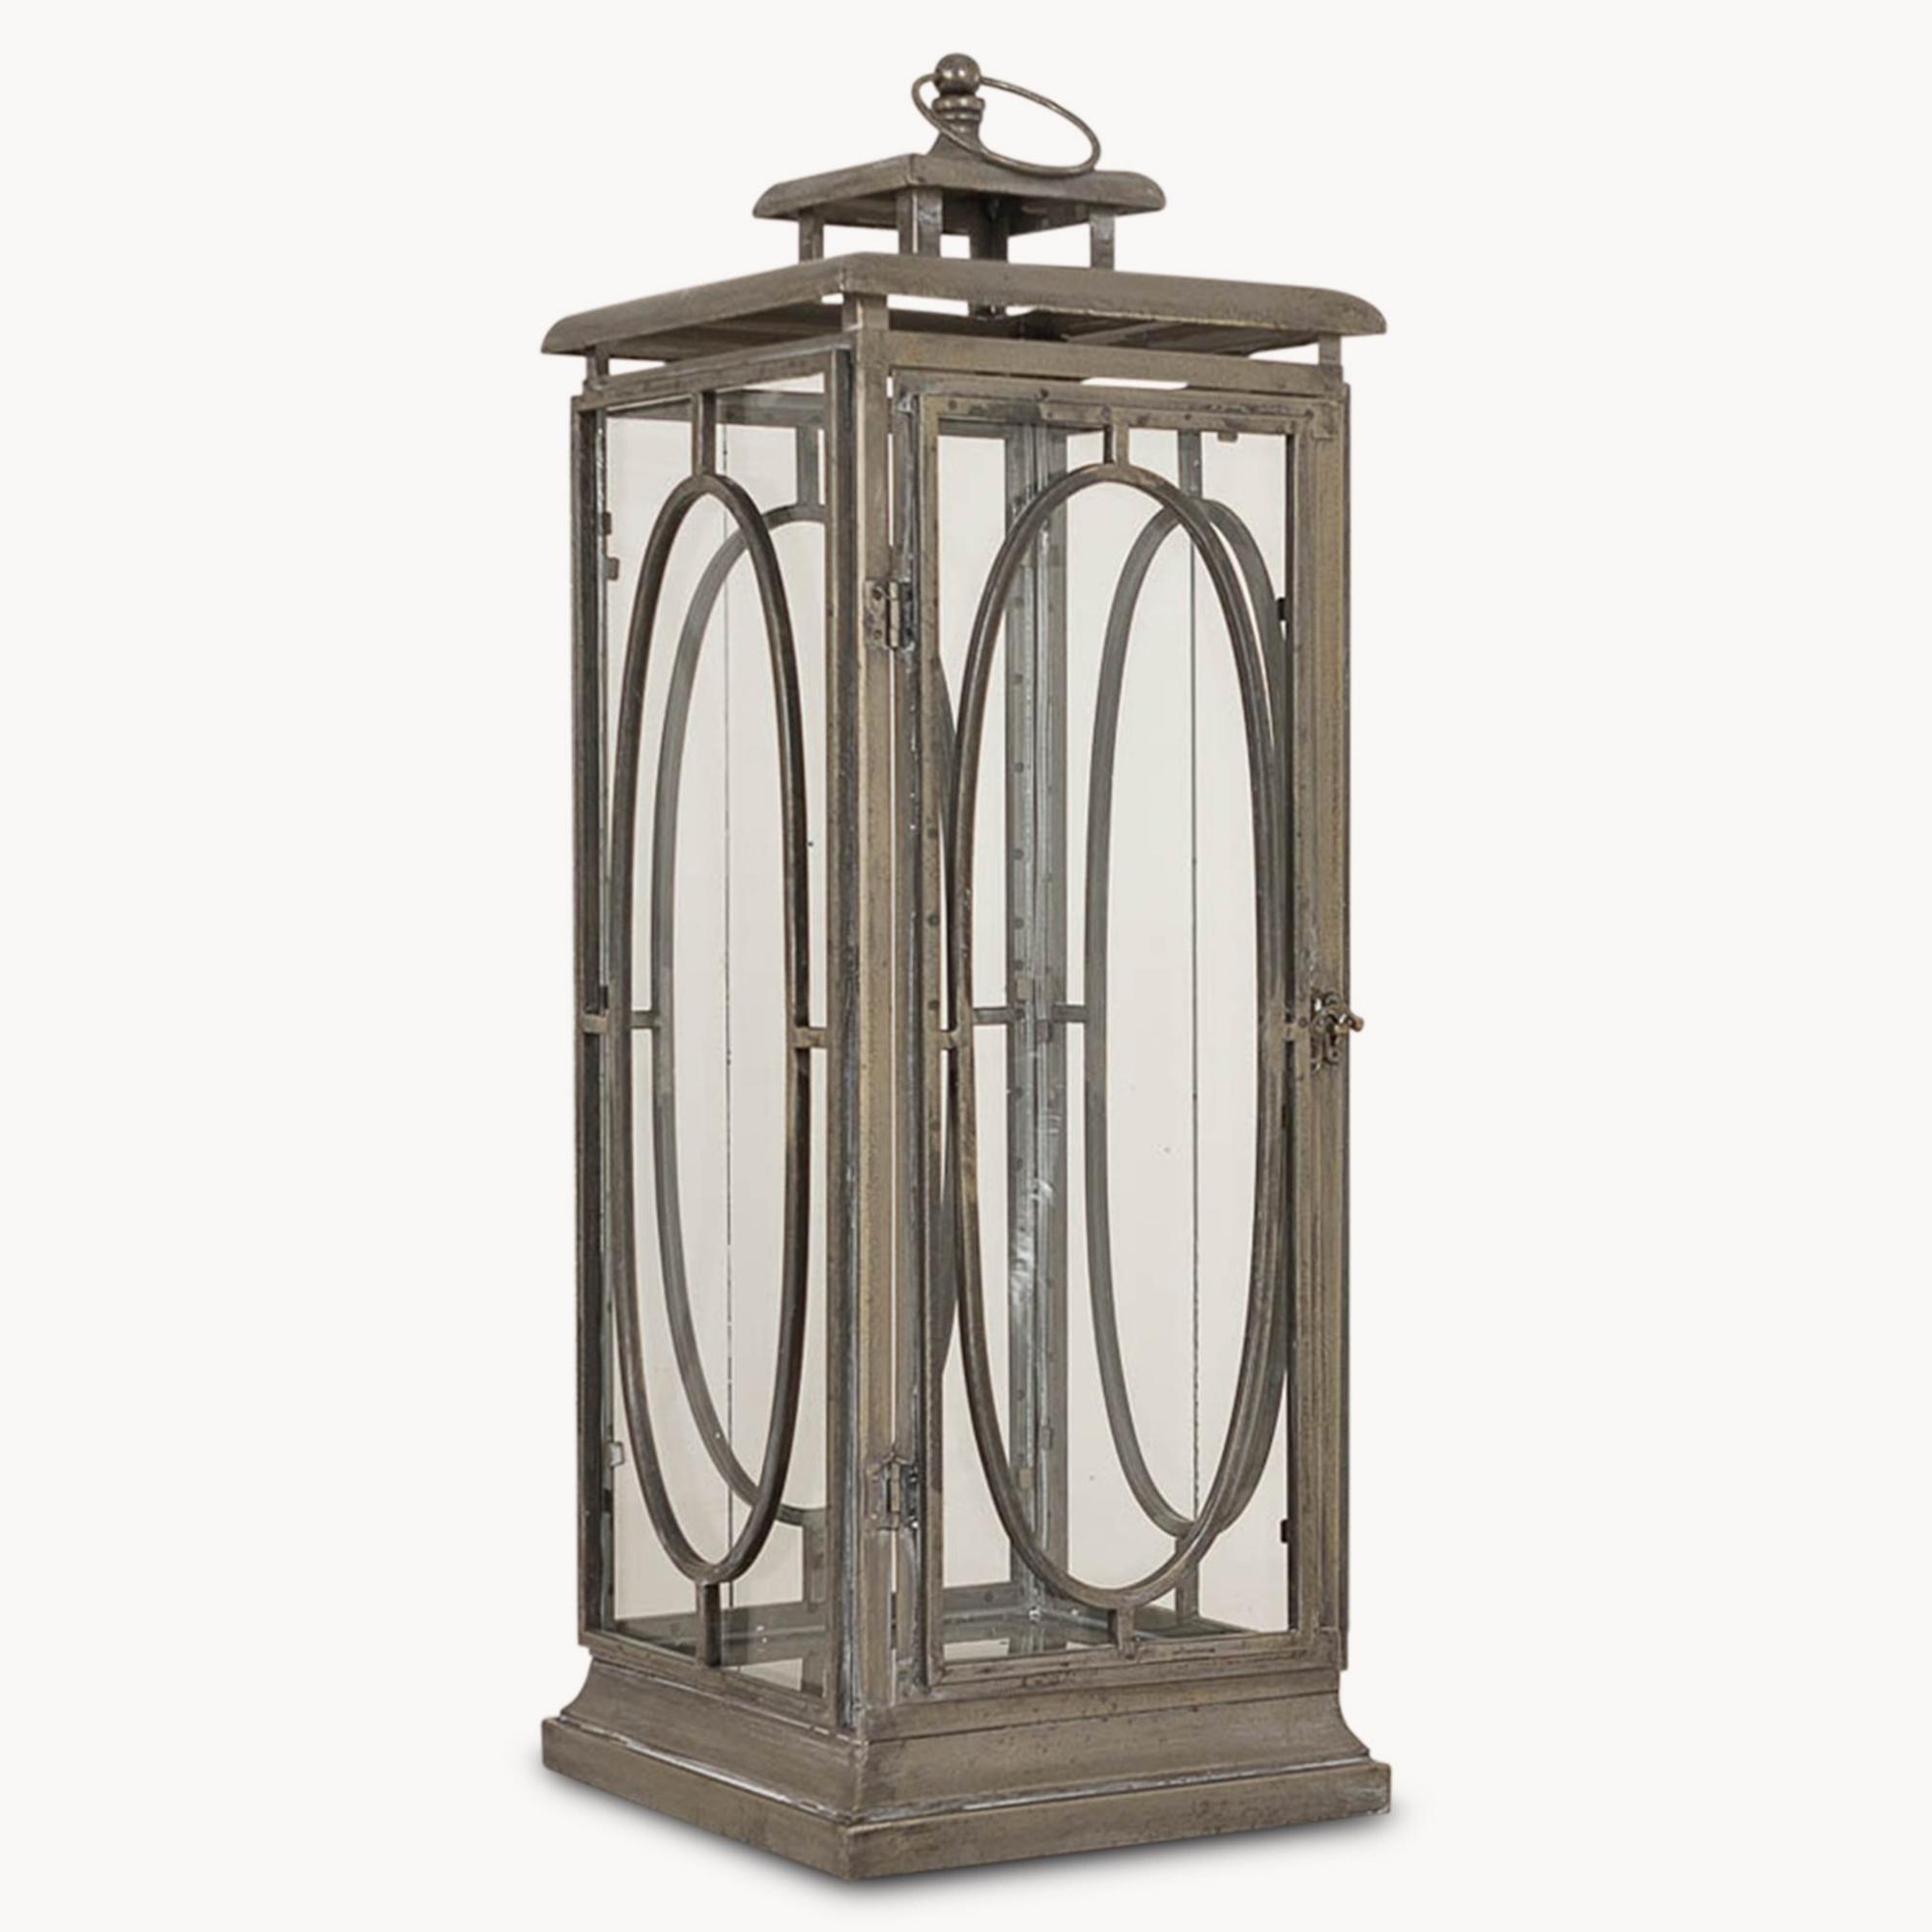 Lanterns, Hurricane Lamps And Candles | No 44 Furniture, Cobham regarding Outdoor Hurricane Lanterns (Image 9 of 20)